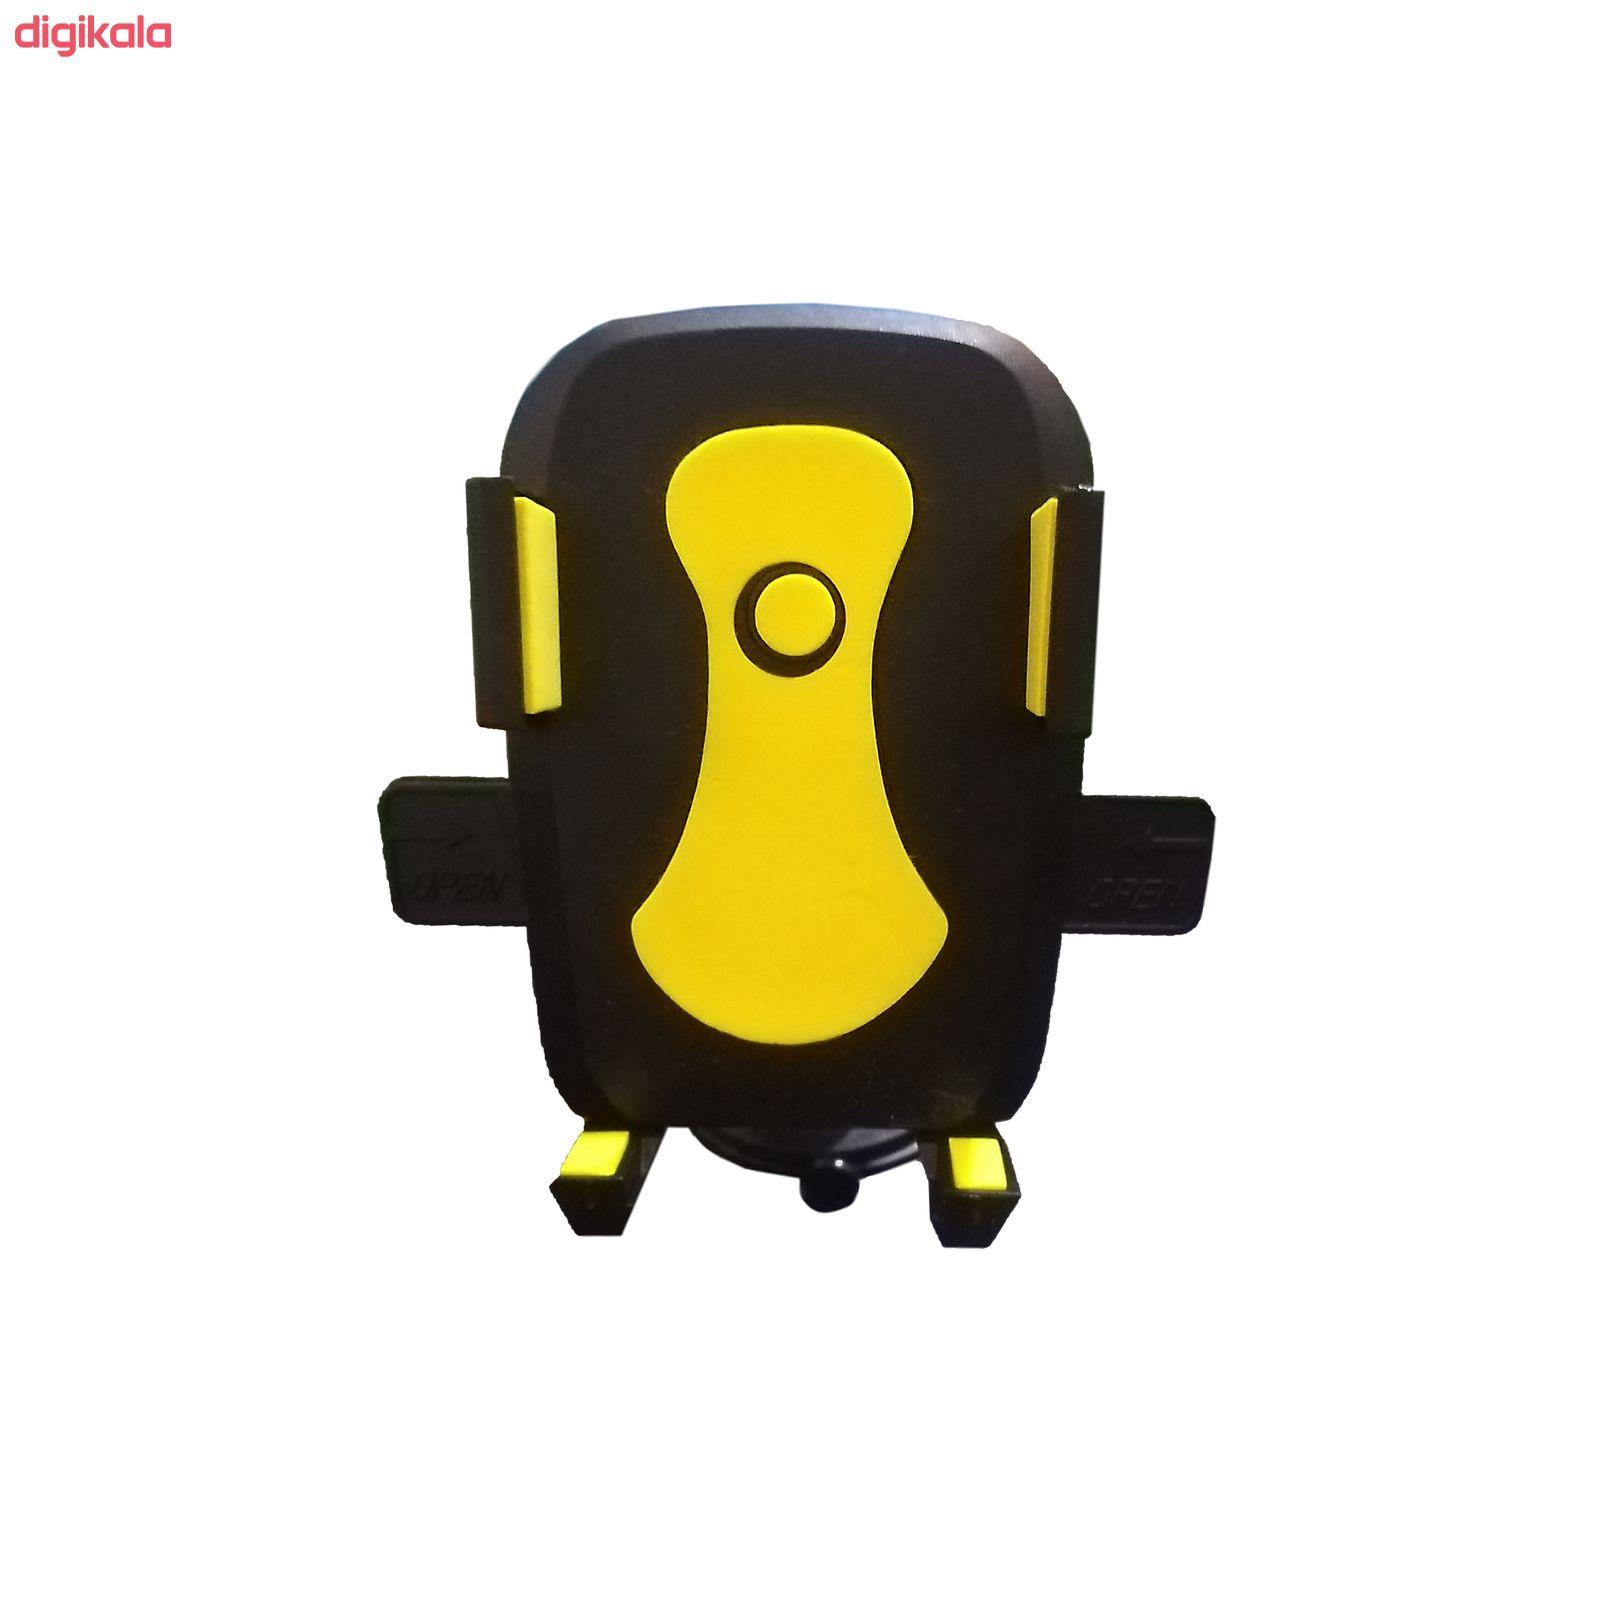 پایه نگهدارنده گوشی موبایل کد 9085 main 1 1